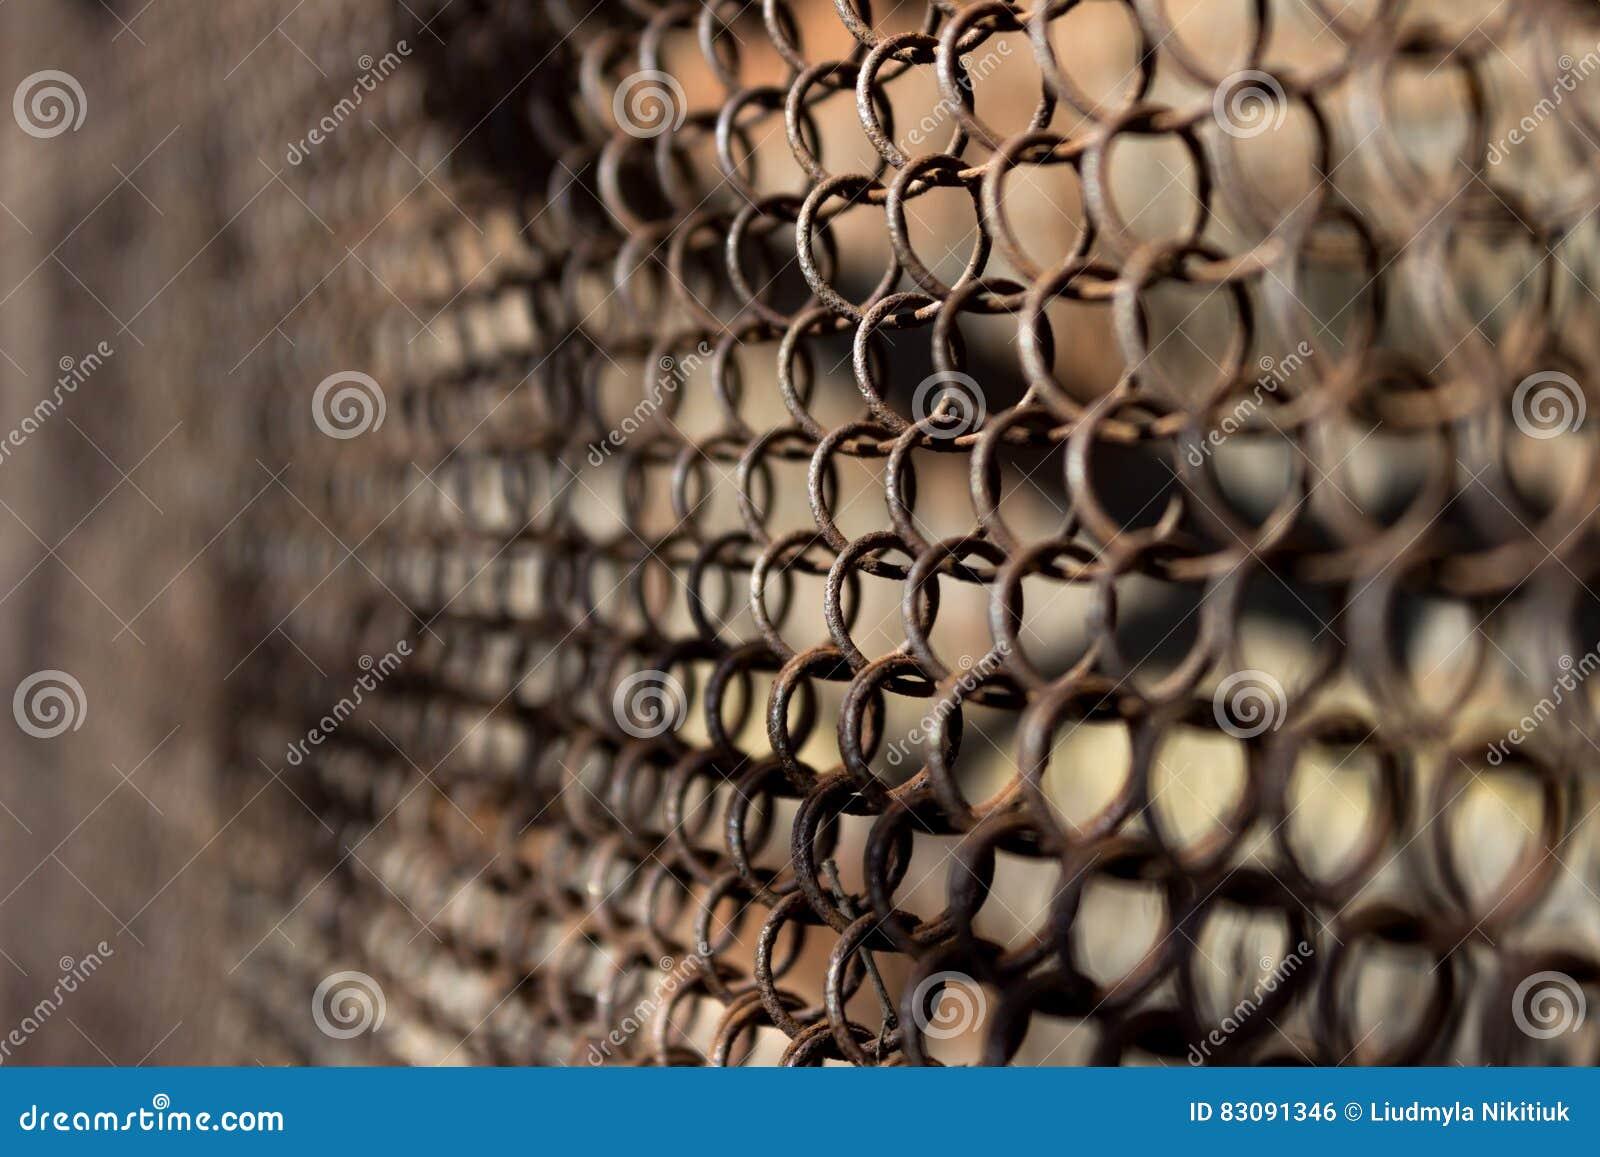 Metallischer Rostiger Zaun In Einem Gitterhintergrund Stockfoto